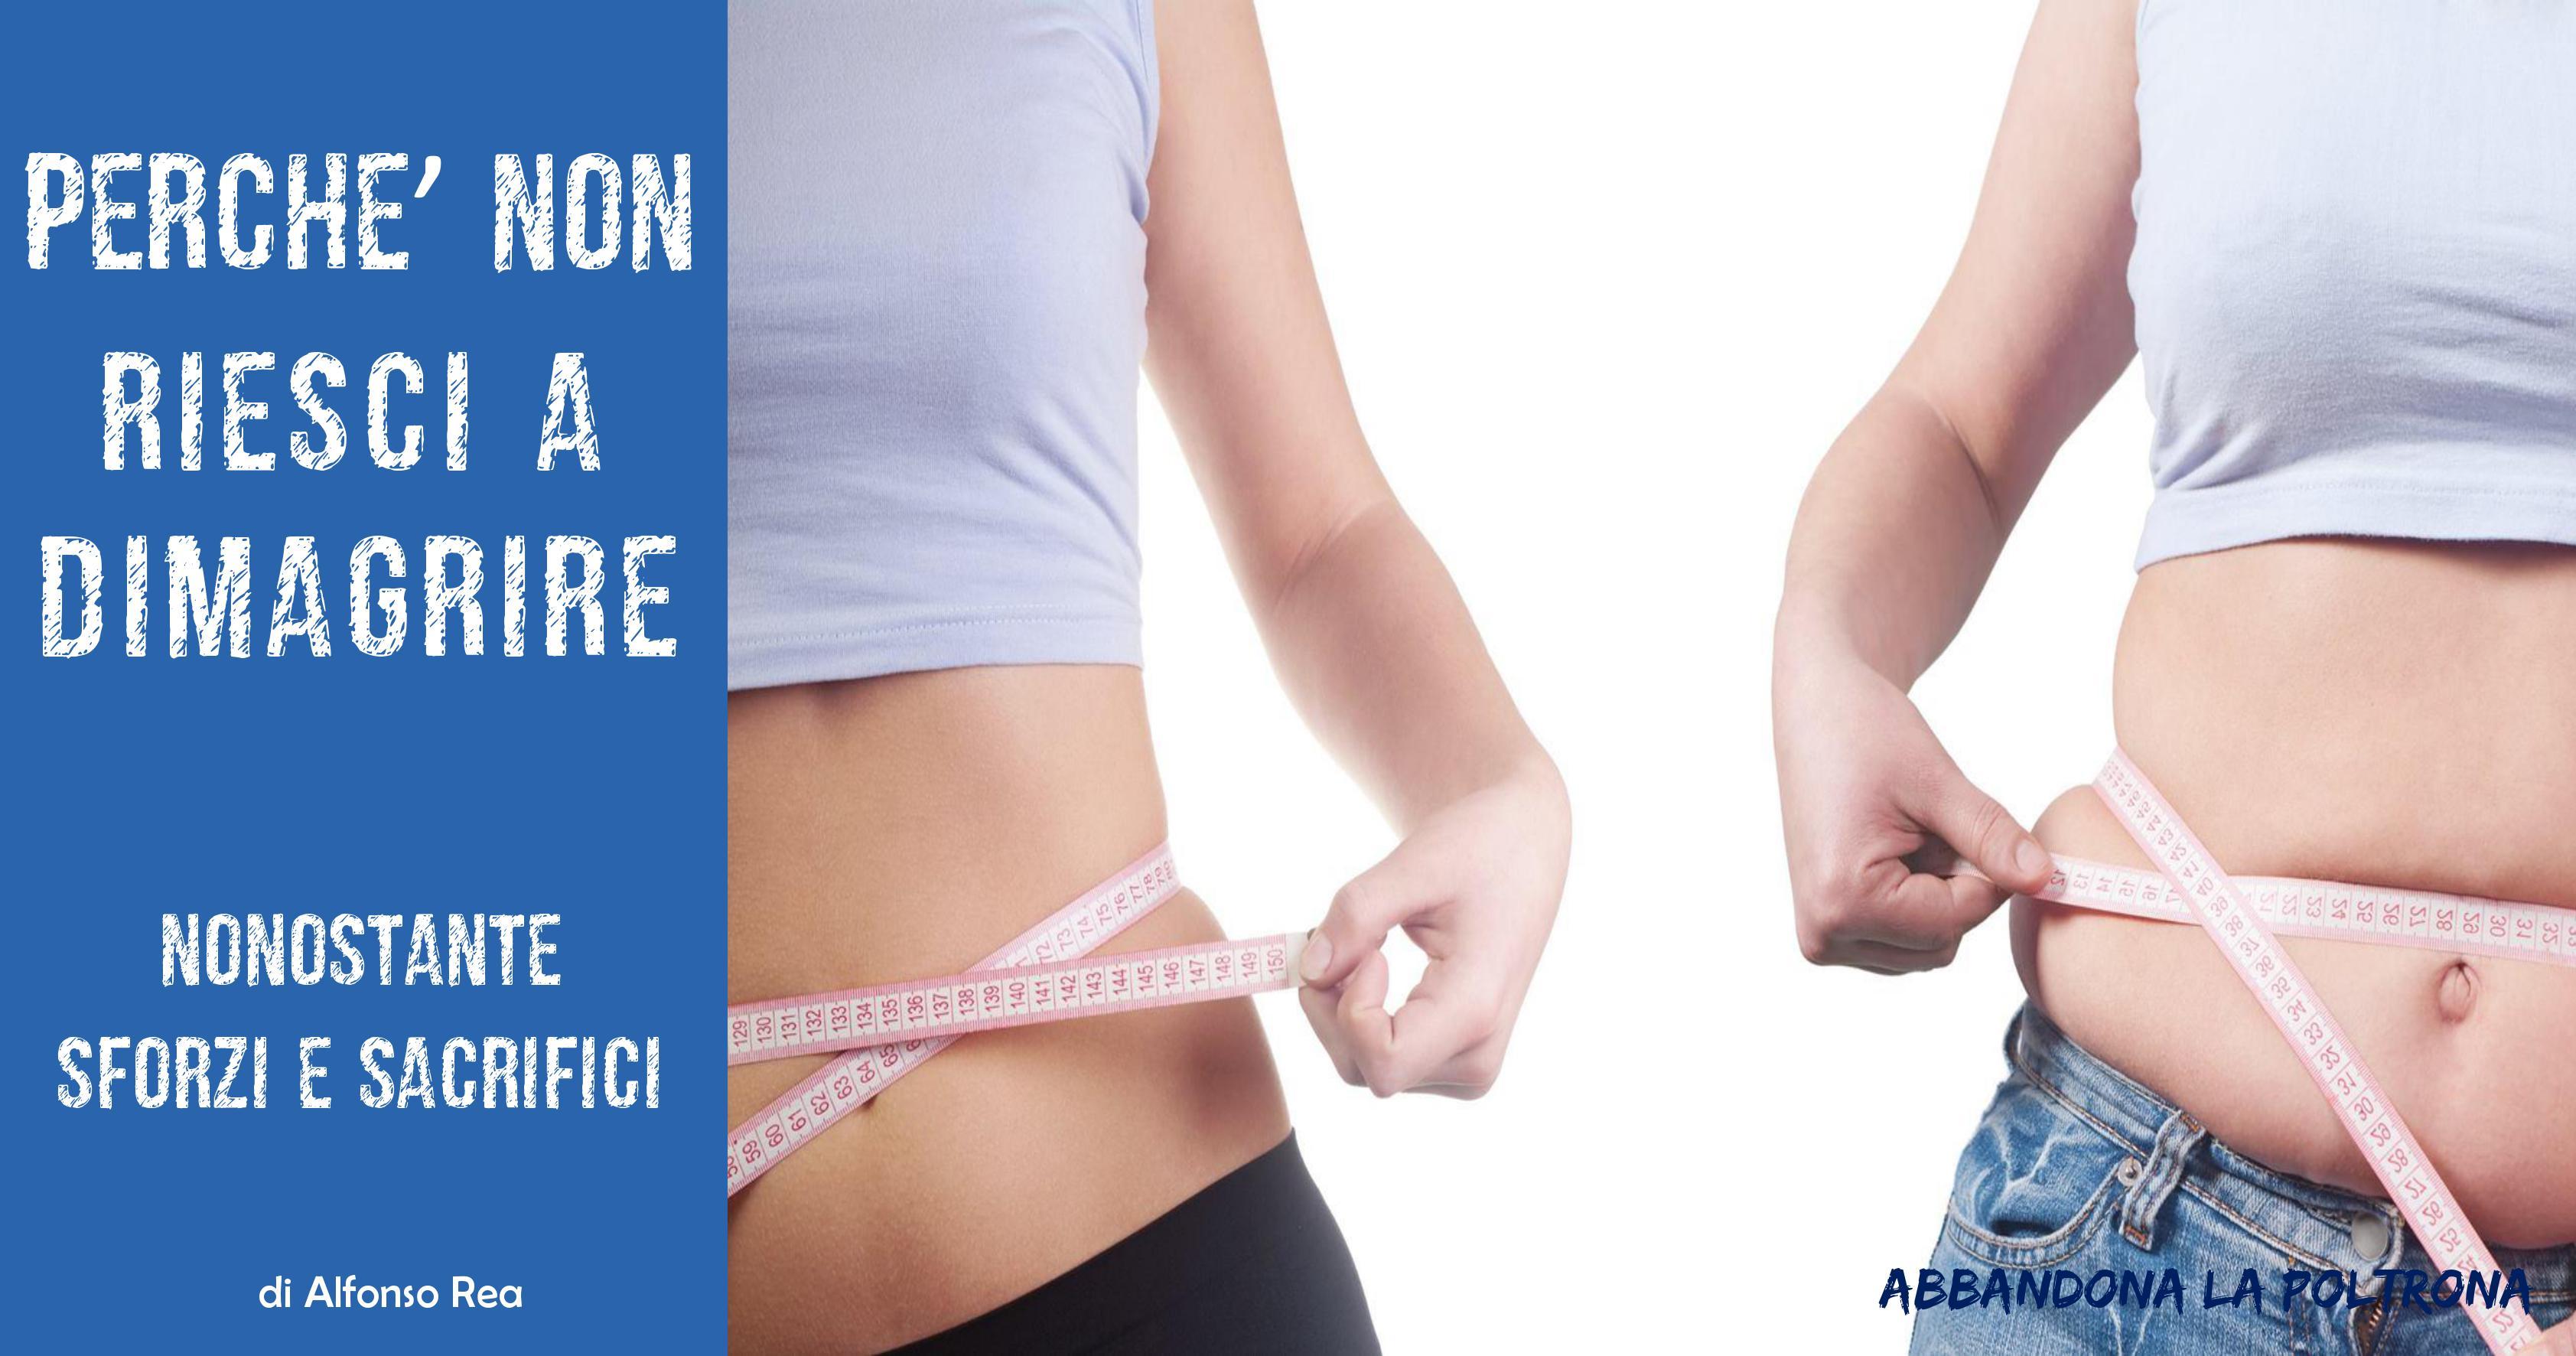 17 anni che vogliono perdere peso